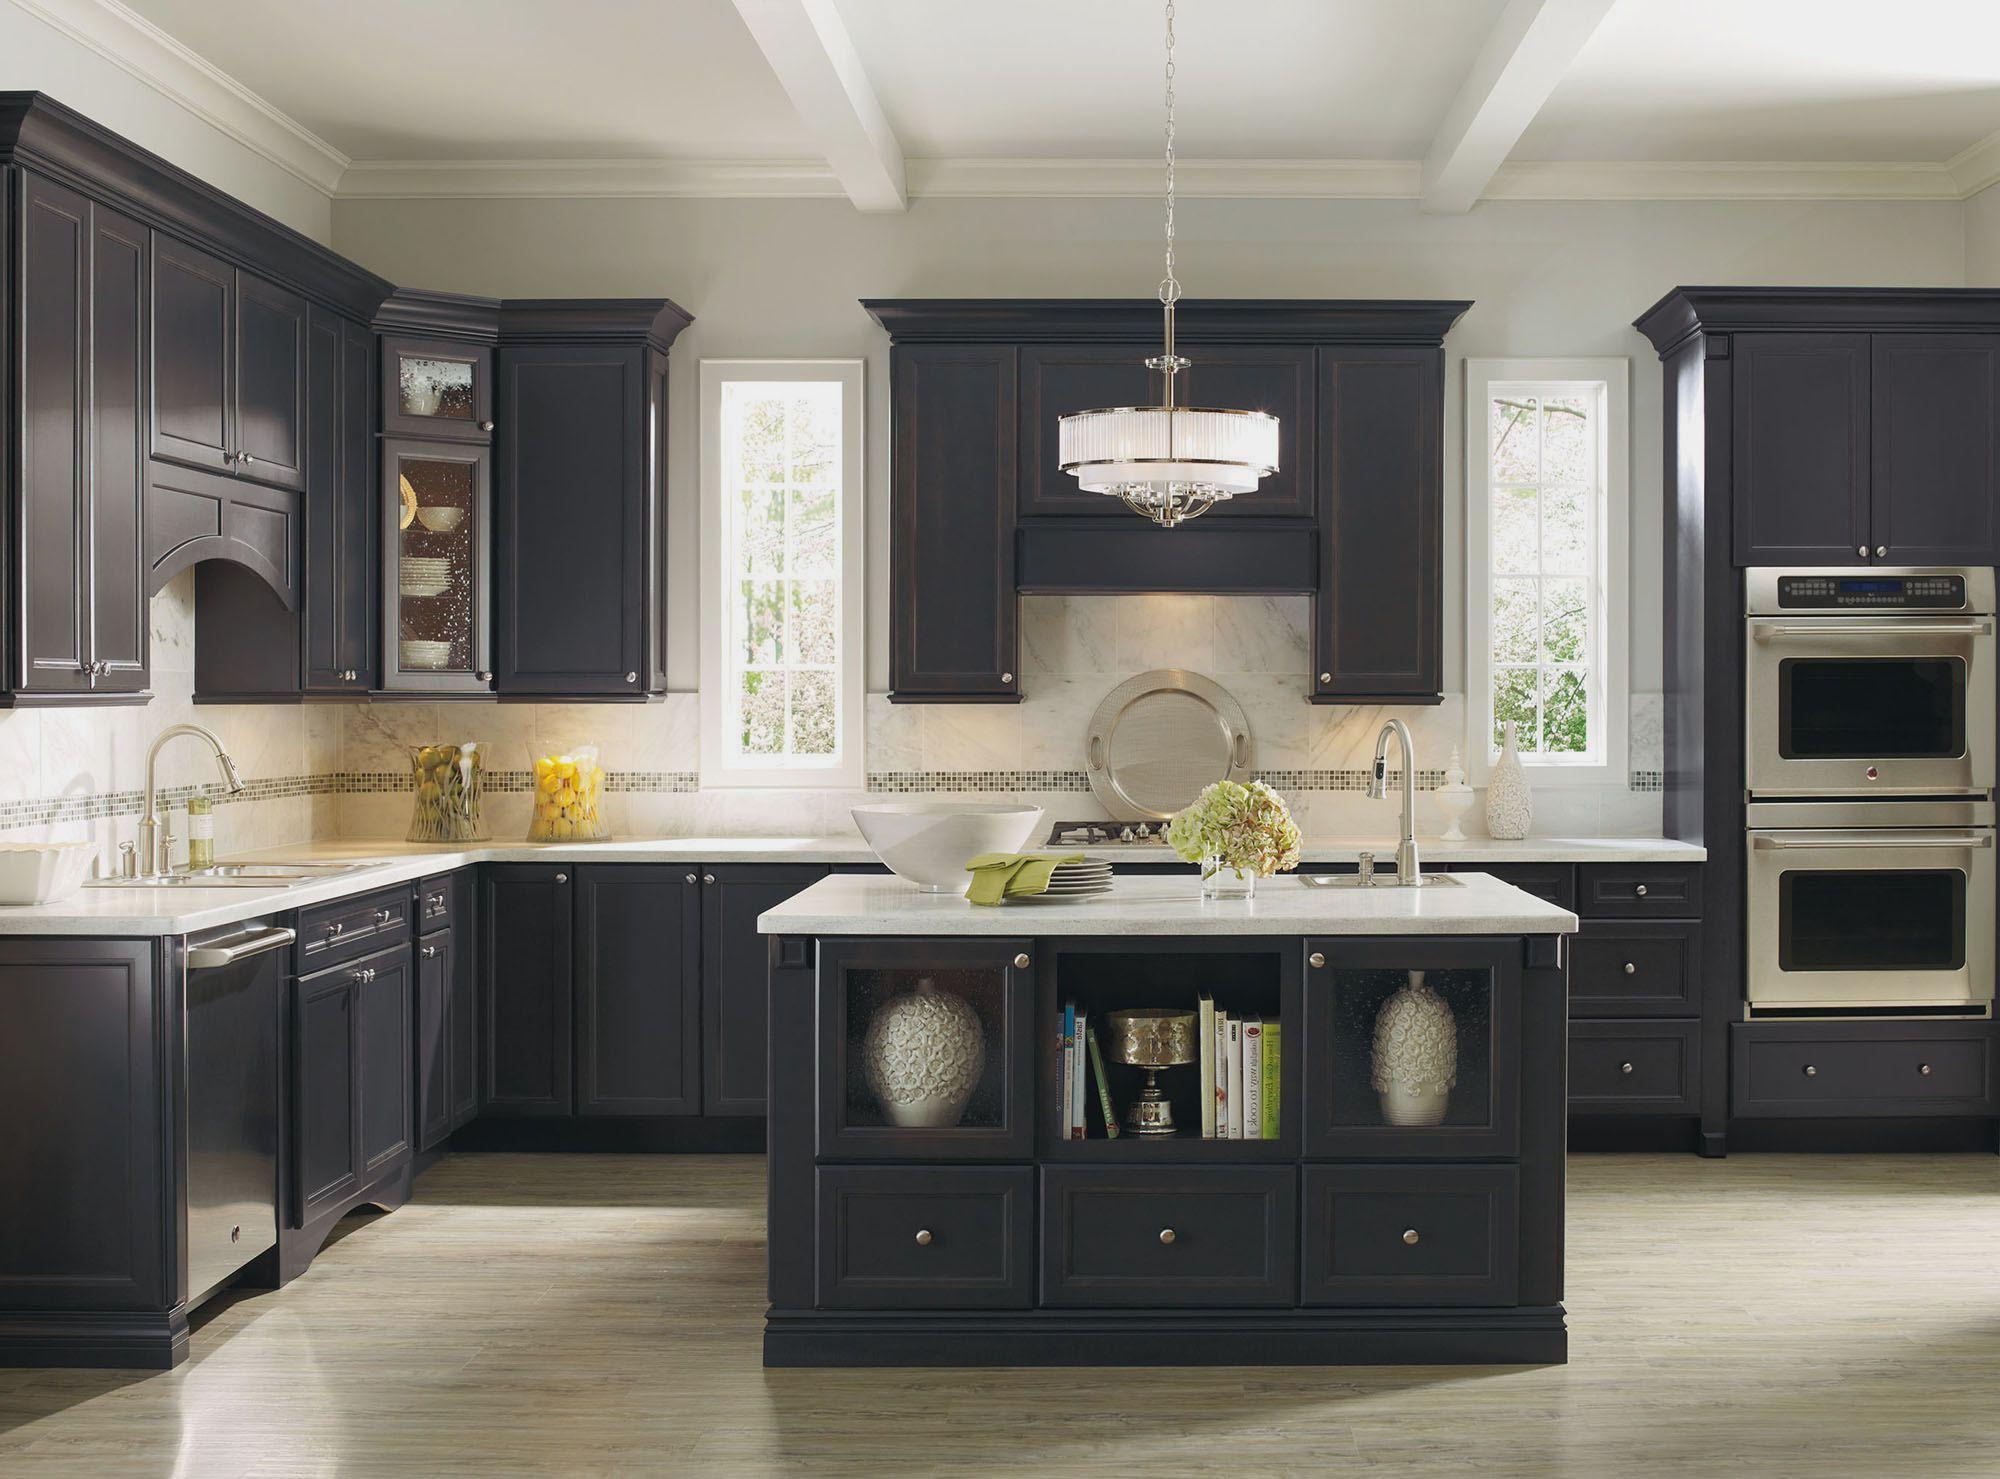 Ikea Kitchen Cabinets Black